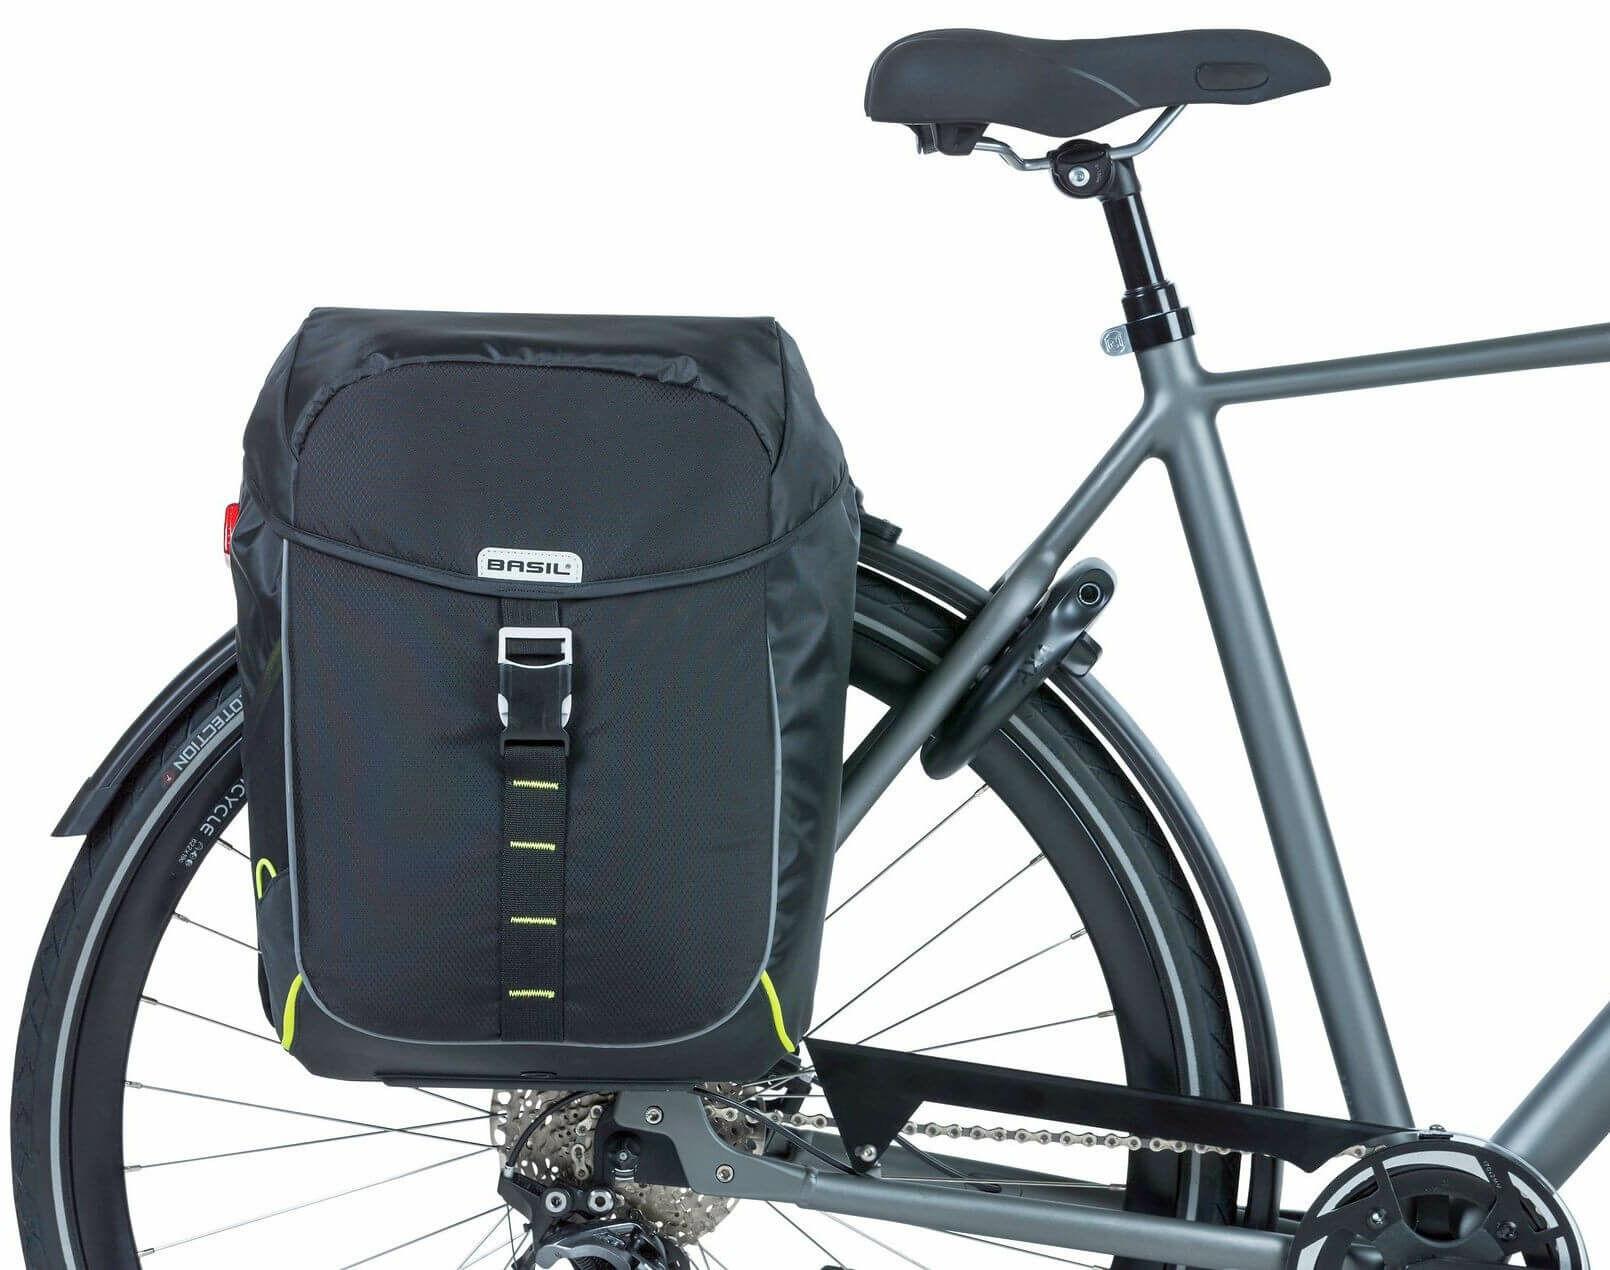 8_bikepacking túra közlekedés mibe pakold a cuccot a kerékpáron, melyik táska hova és mire való